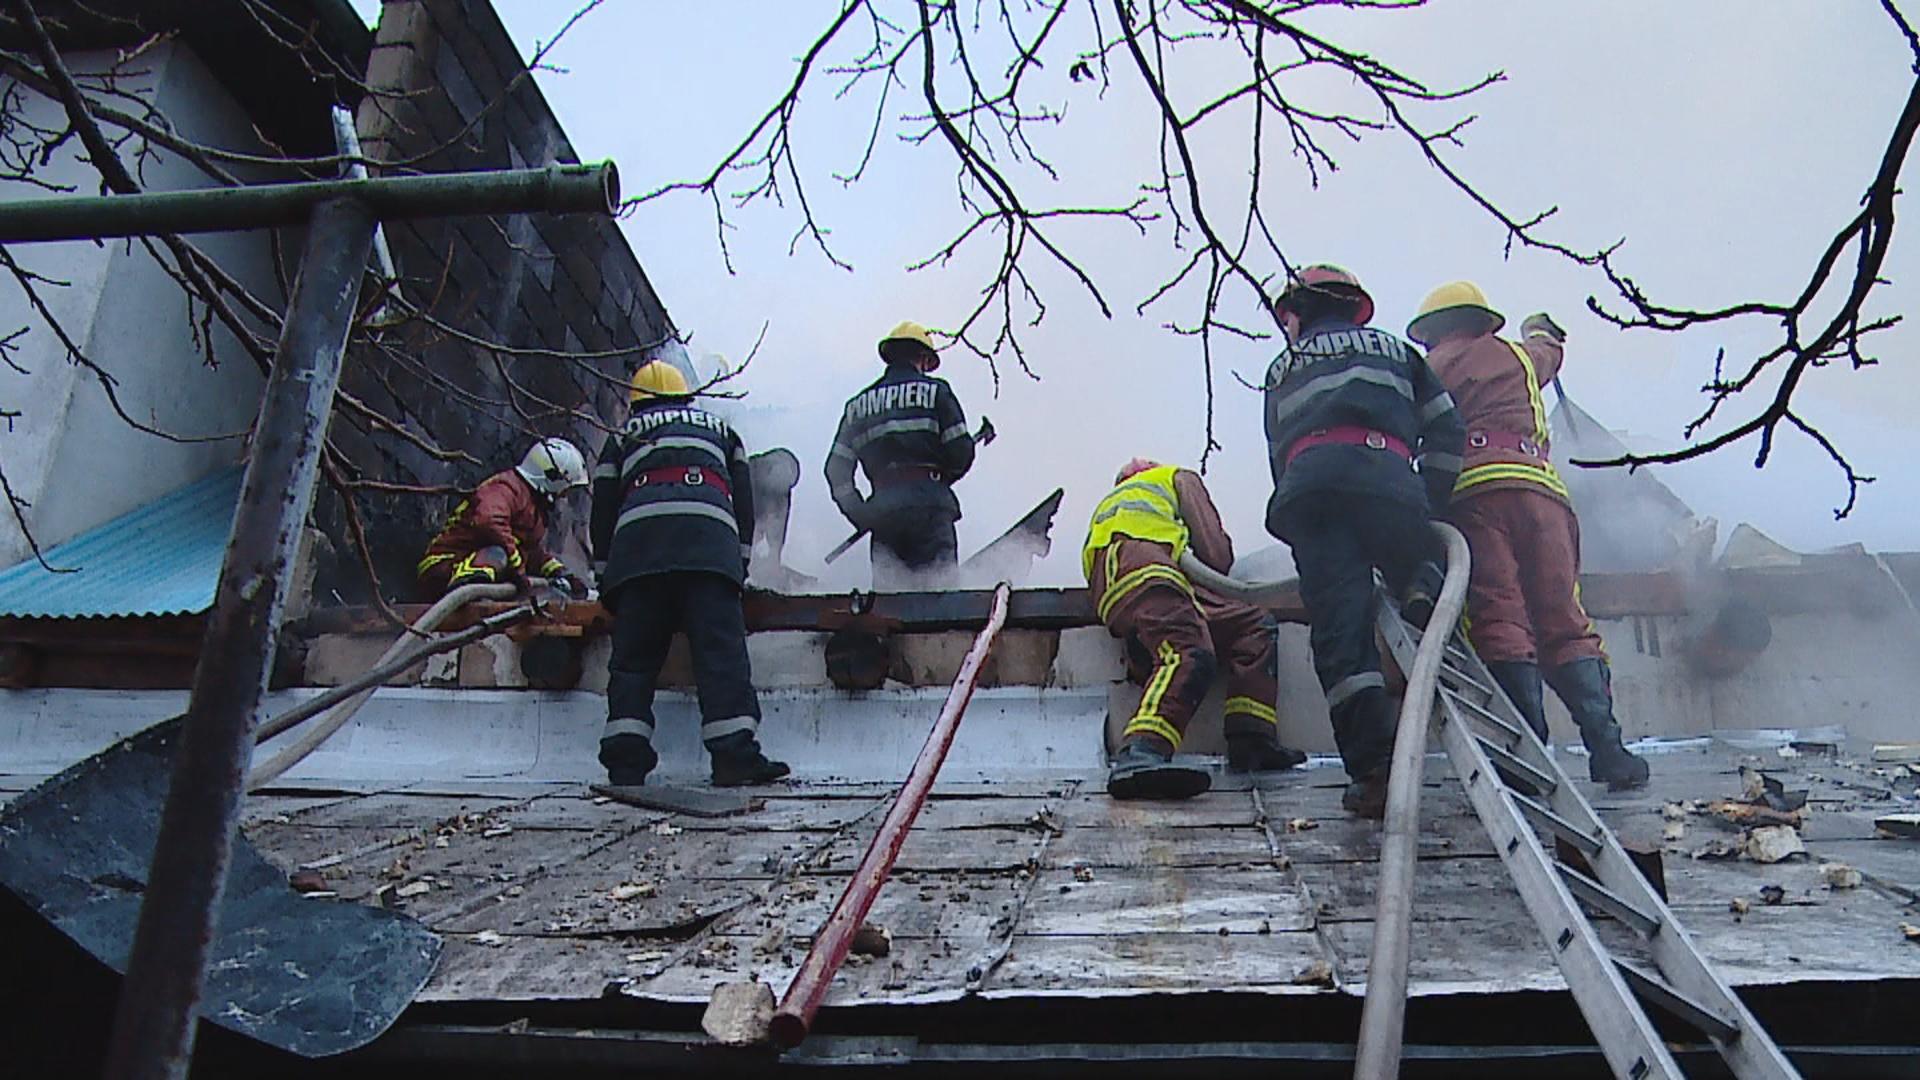 Pompierii mureşeni au intervenit, aseară, 6 ore pentru stingerea unui incendiu în Reghin